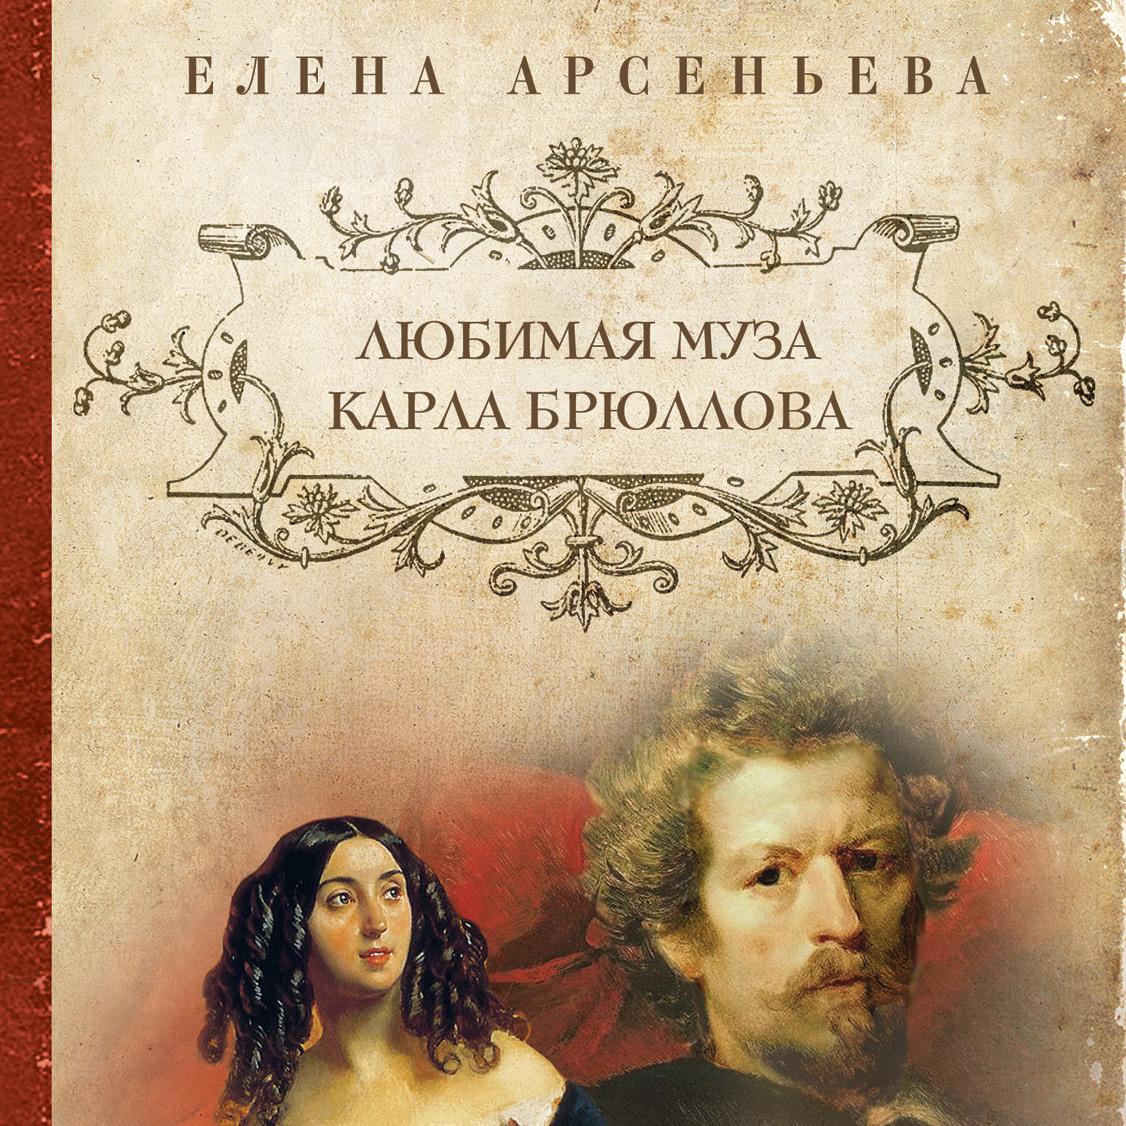 Купить книгу Любимая муза Карла Брюллова, автора Елены Арсеньевой